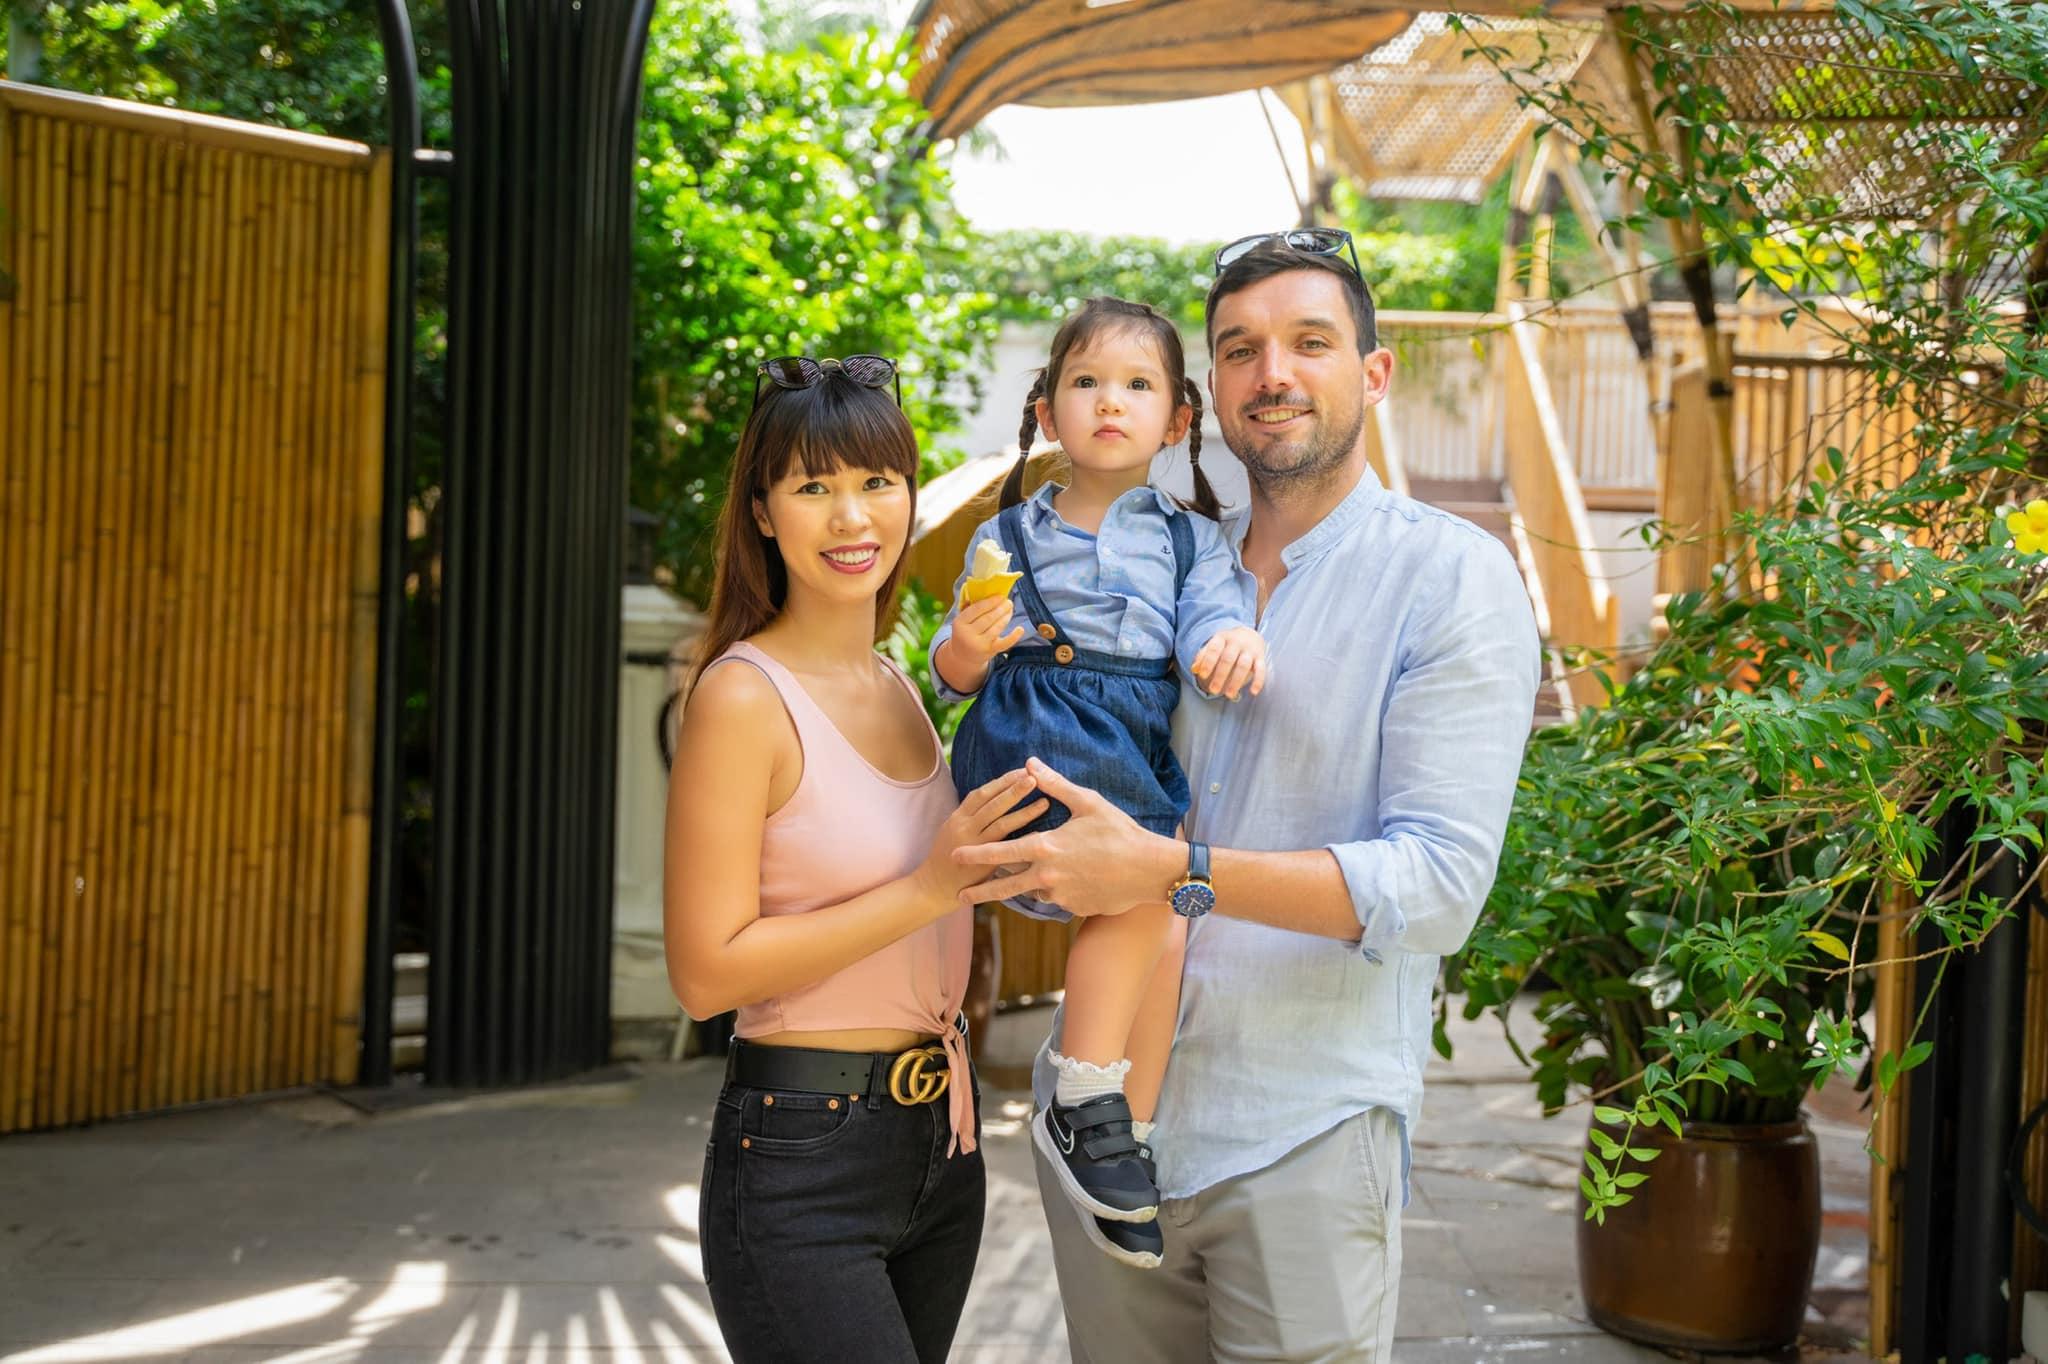 """Hà Anh chia sẻ ngày đầu tiên con gái 2 tuổi đến trường thăm quan để """"đi bộ đội"""", ai nấy giật mình trước hình ảnh mới của Myla bây giờ - Ảnh 1."""